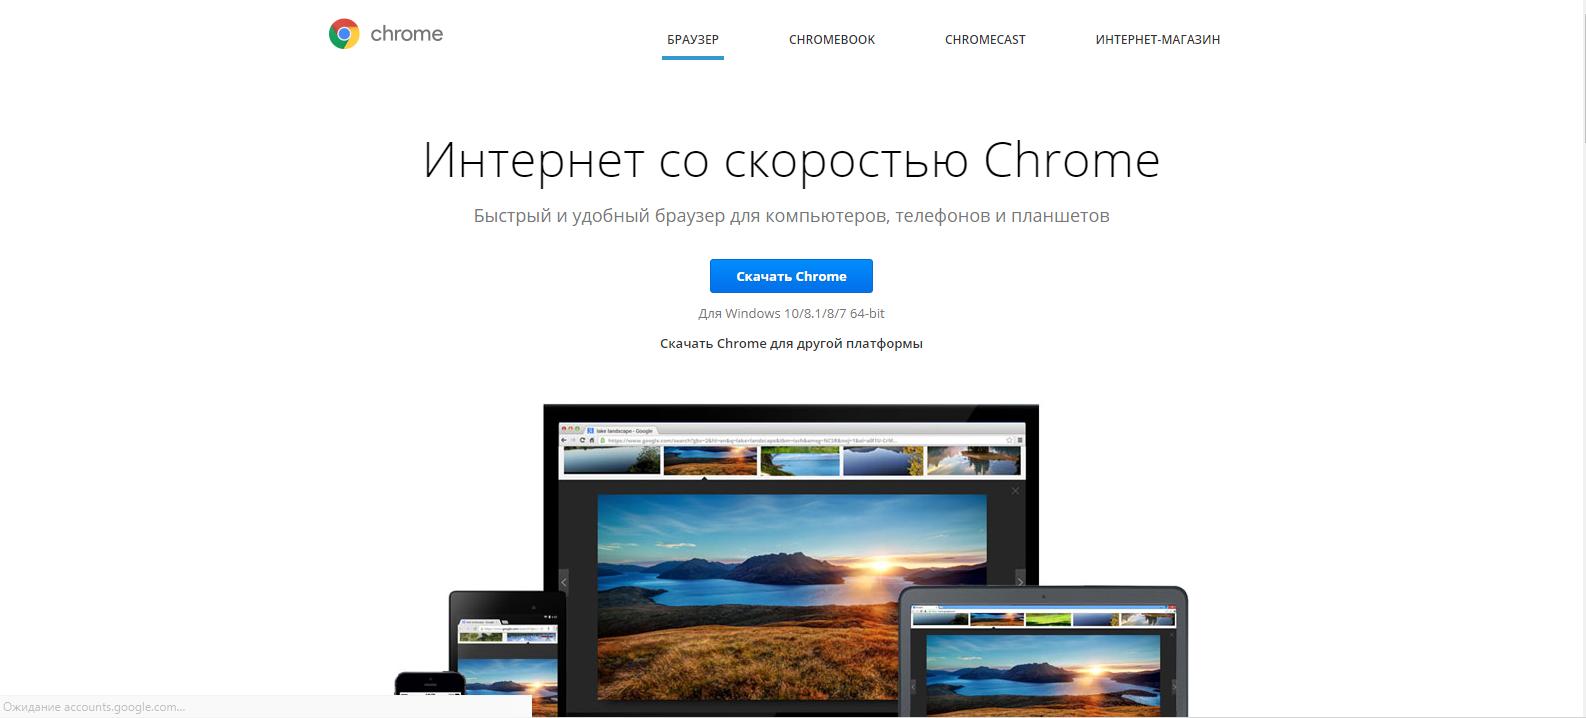 А вот пример правильного призыва к действию от Chrome